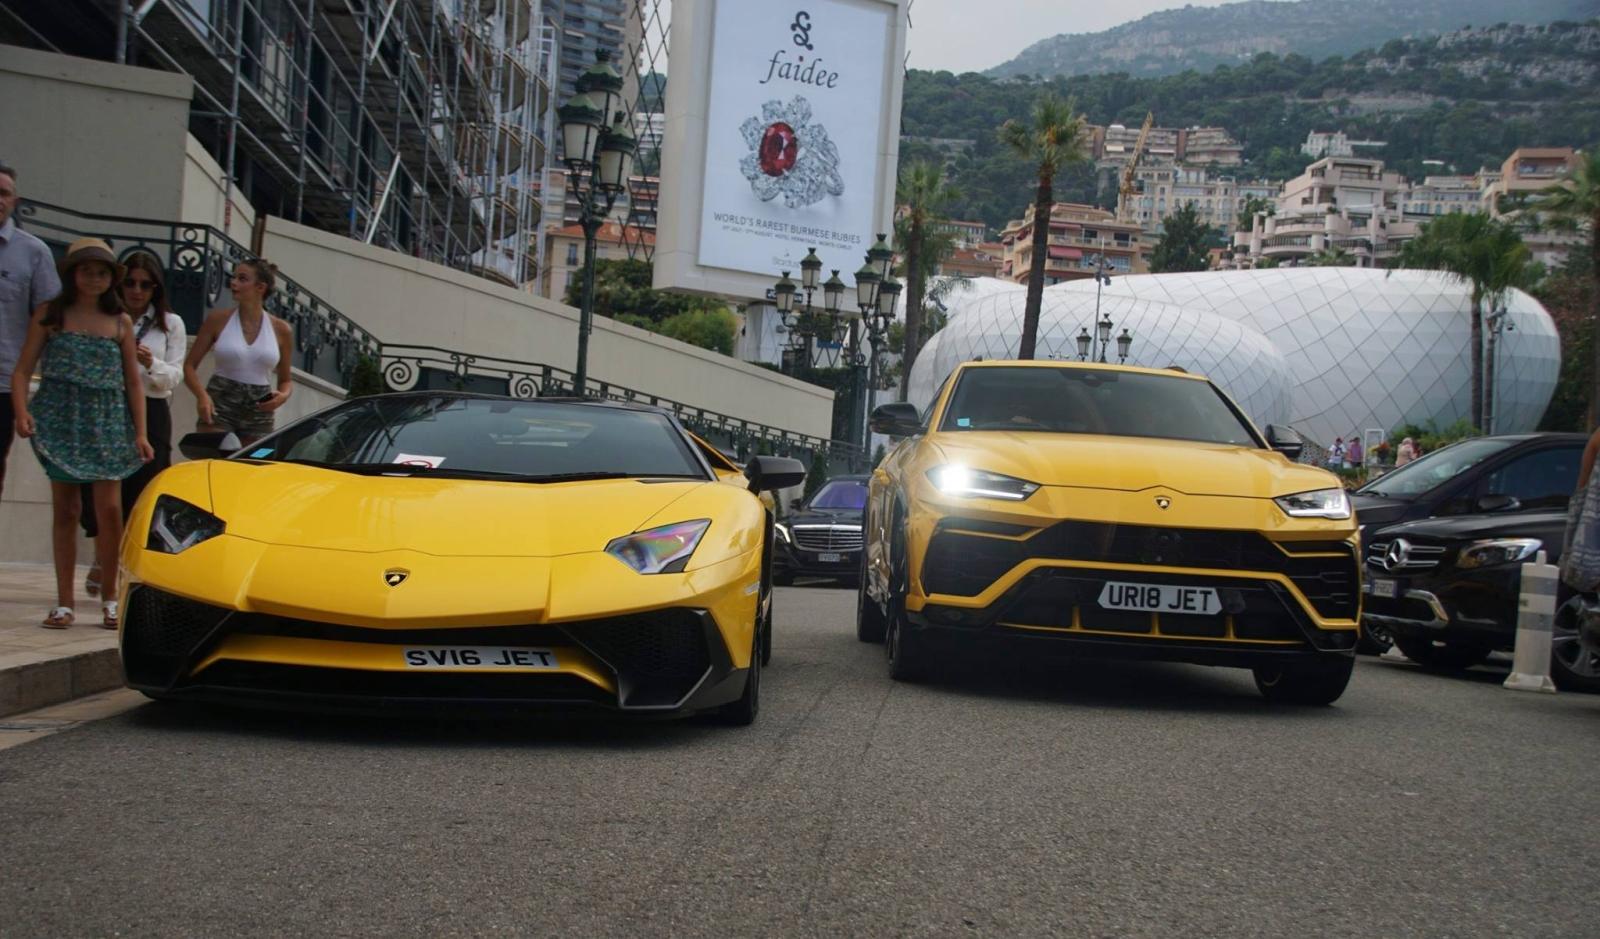 Lamborghini Aventador en Urus in Monaco